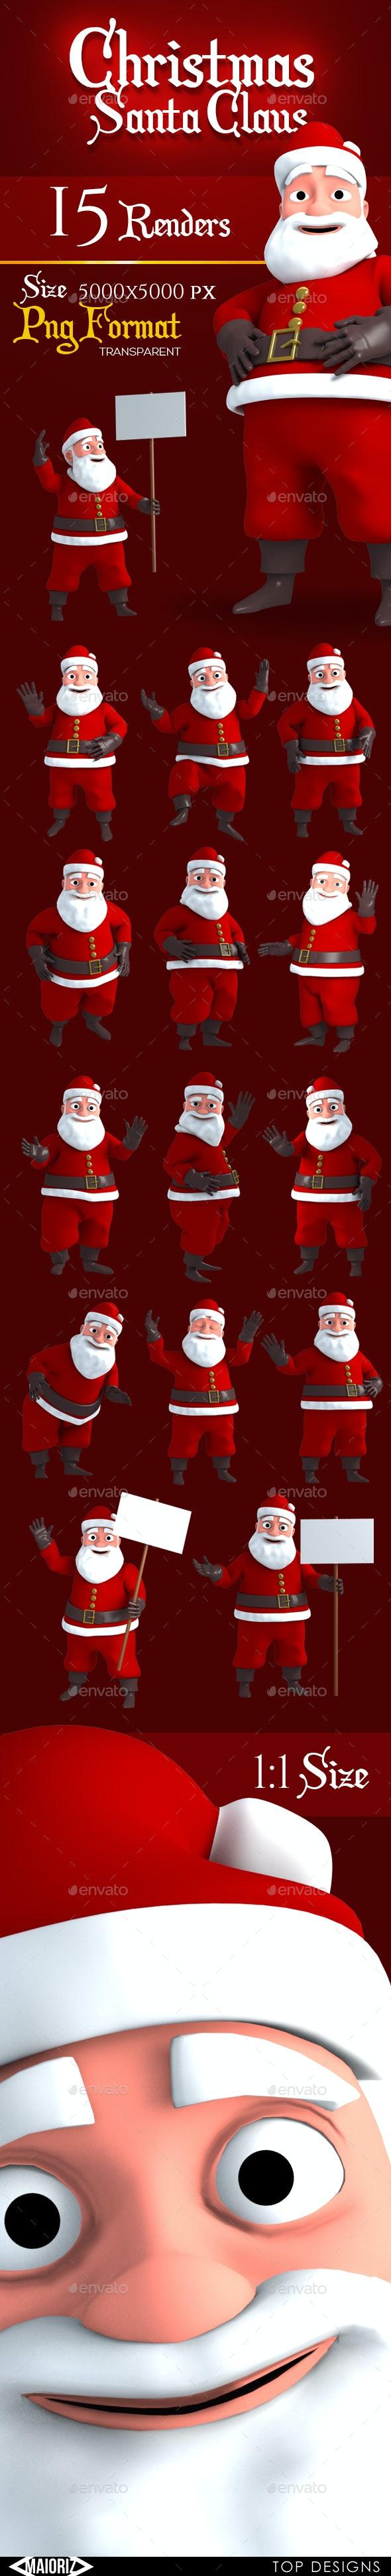 Christmas Character Renders - Characters 3D Renders